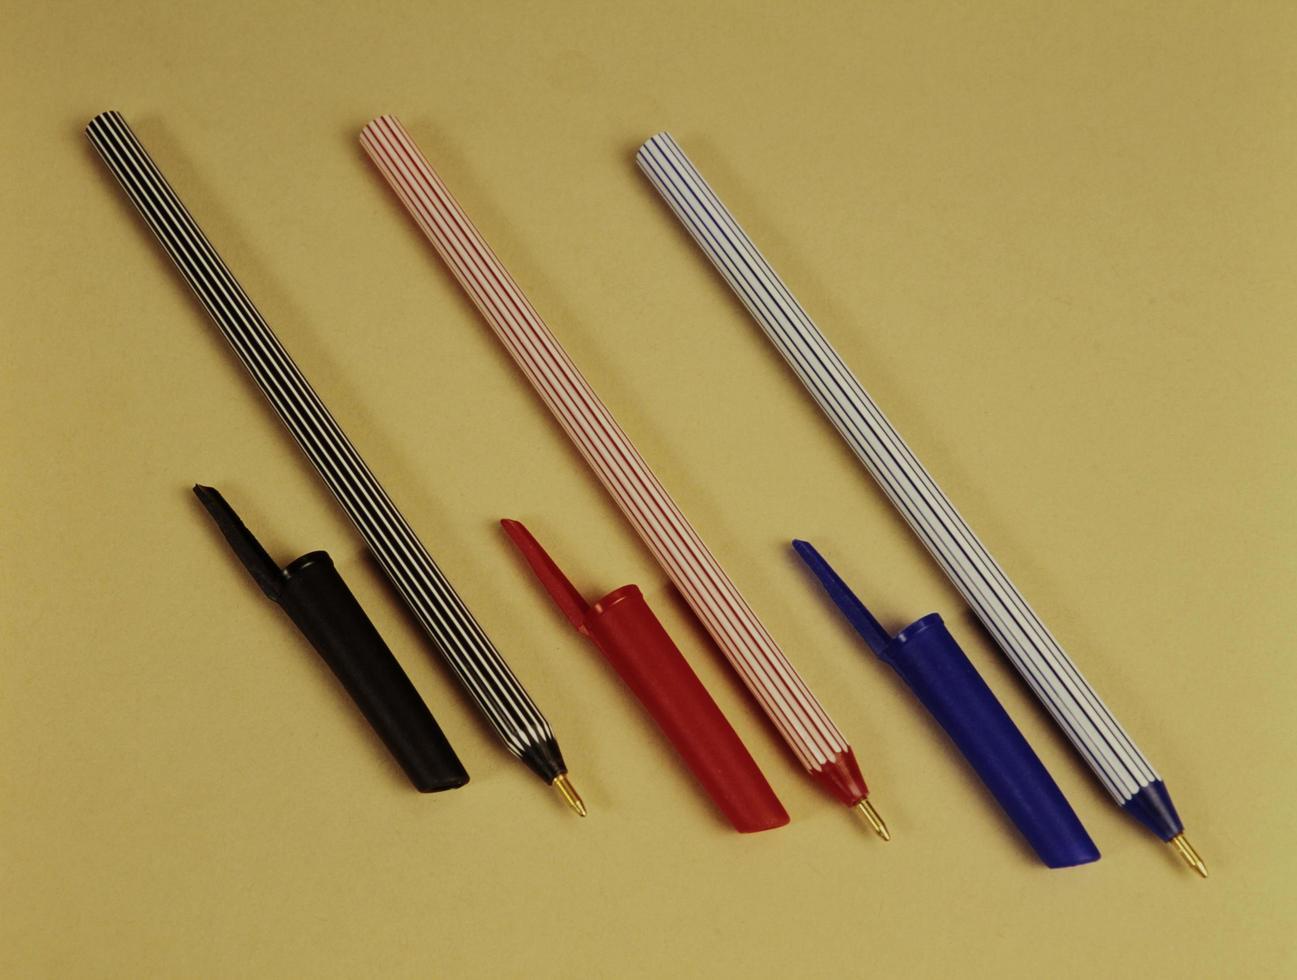 stylo à bille noir, rouge et bleu photo